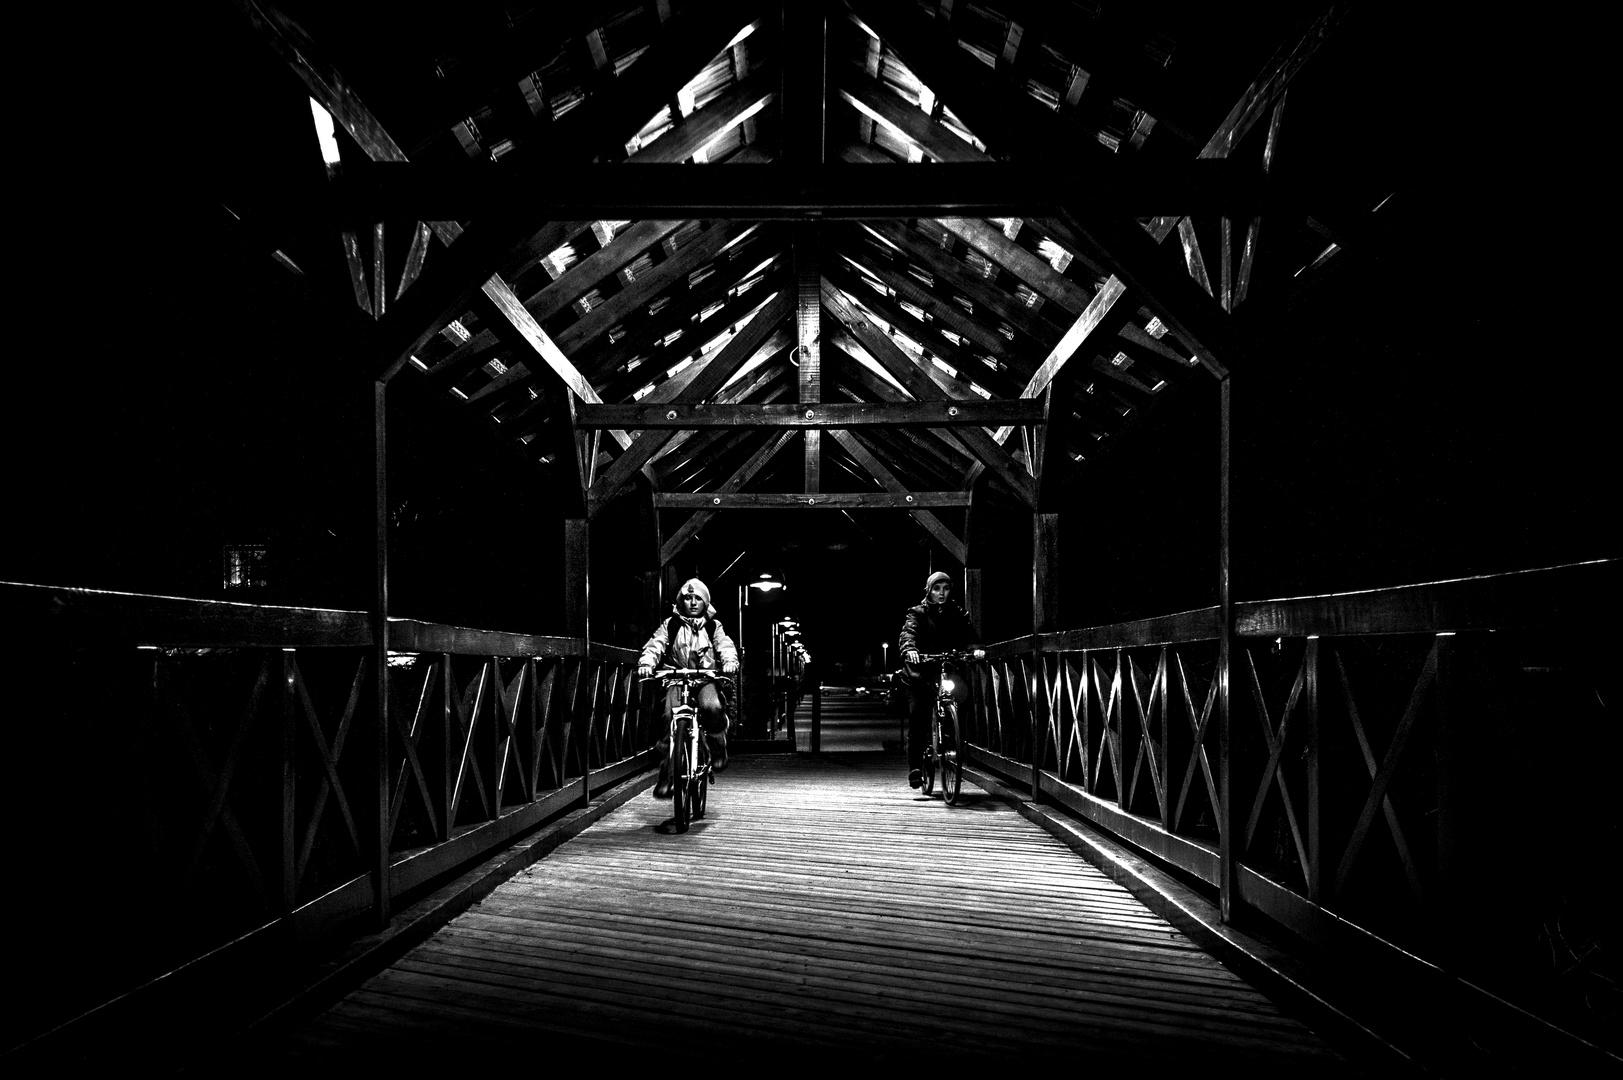 riders in the dark